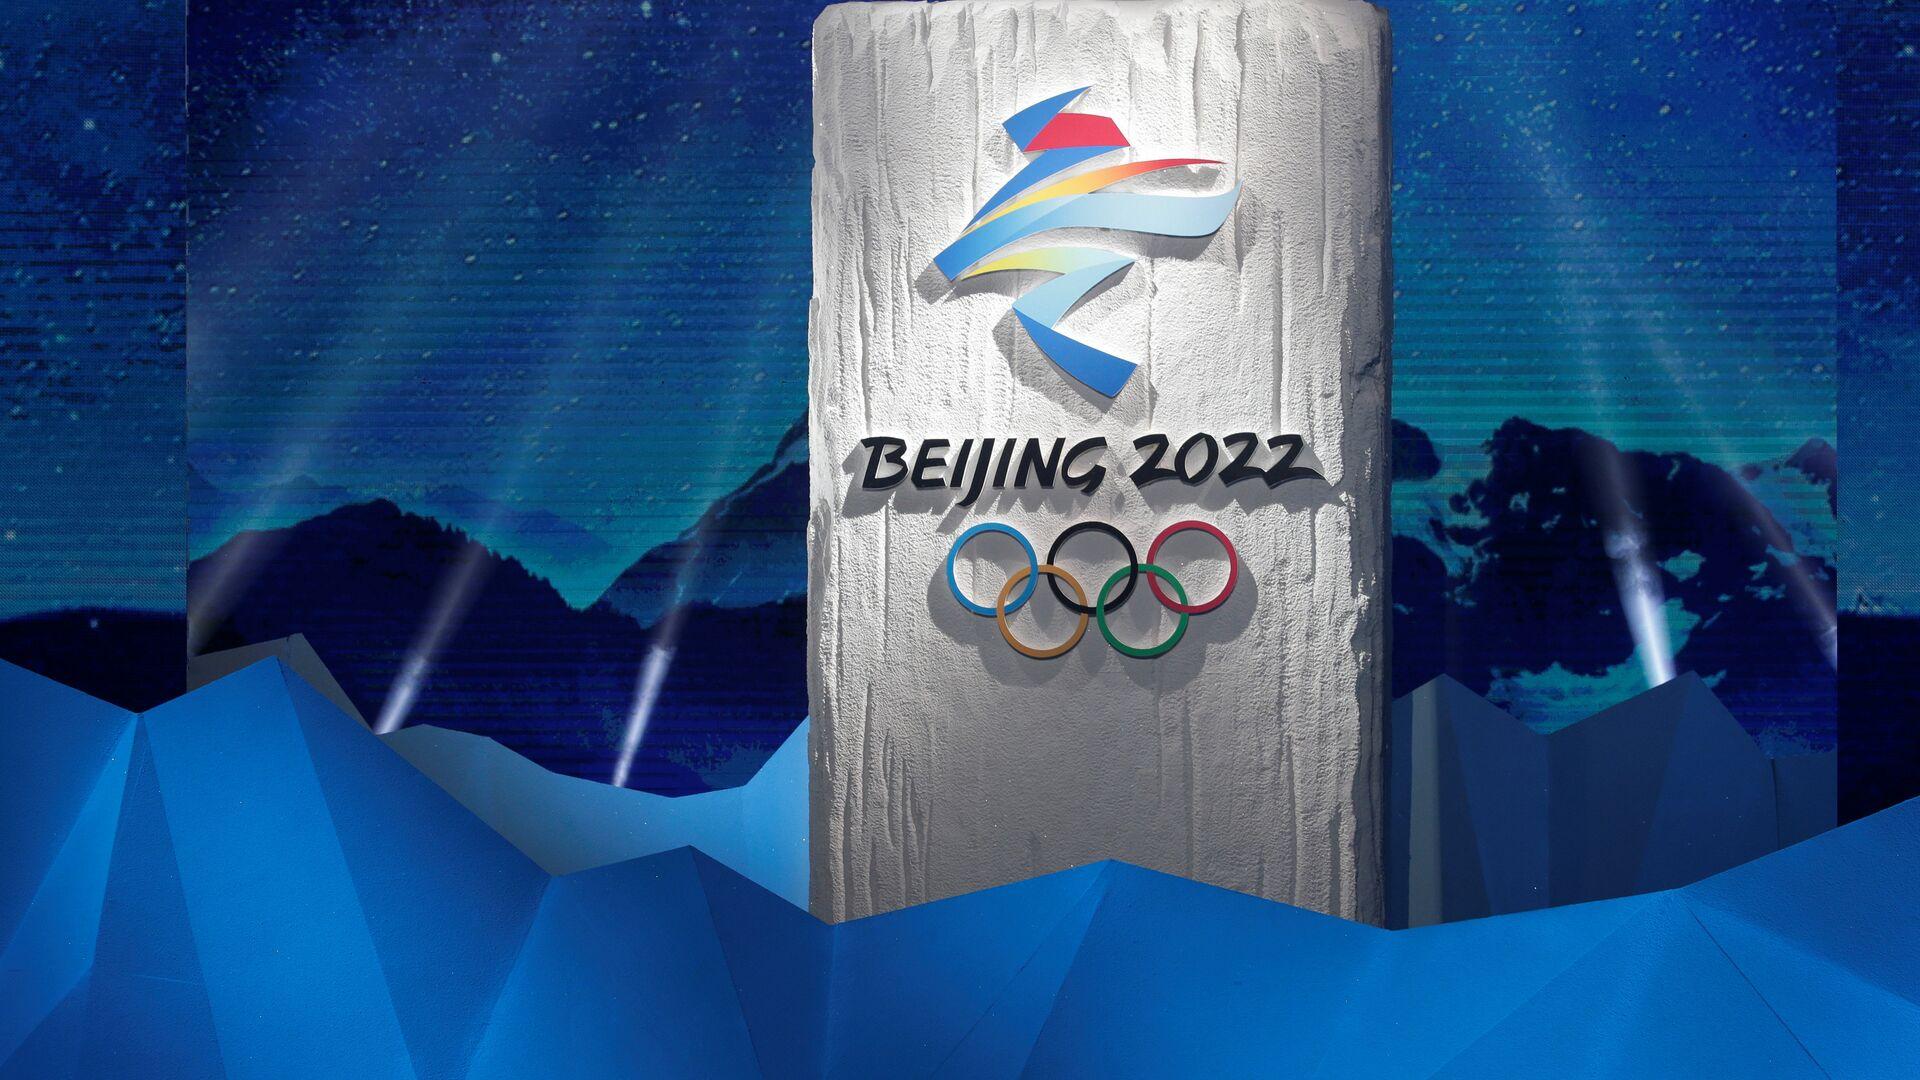 Эмблема Олимпийских зимних игр в Пекине 2022 года - Sputnik Латвия, 1920, 24.09.2021